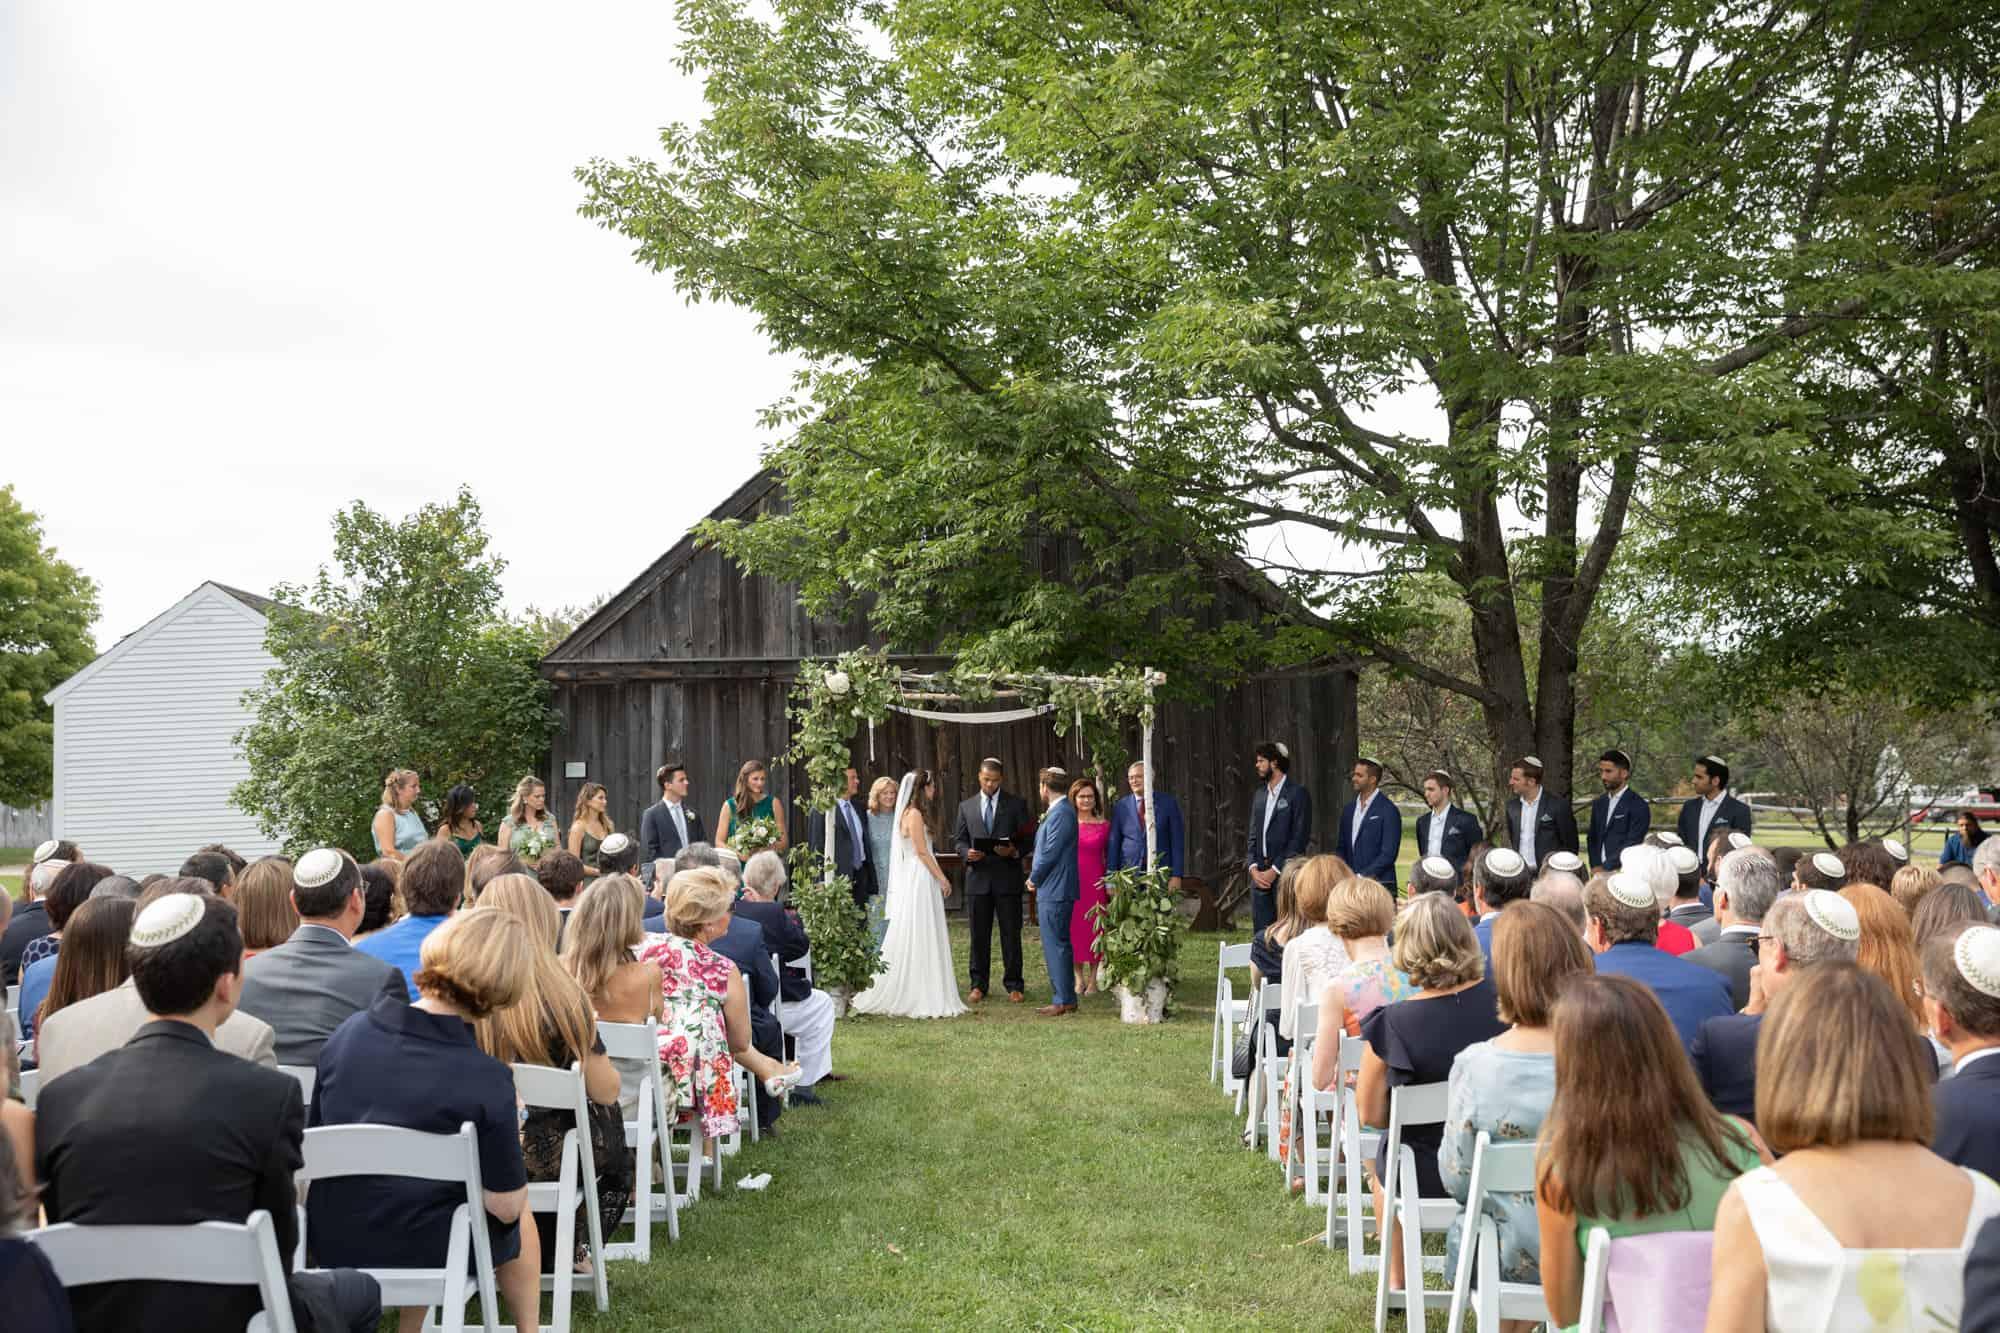 lake_sunapee_nh_wedding_011_1.jpg